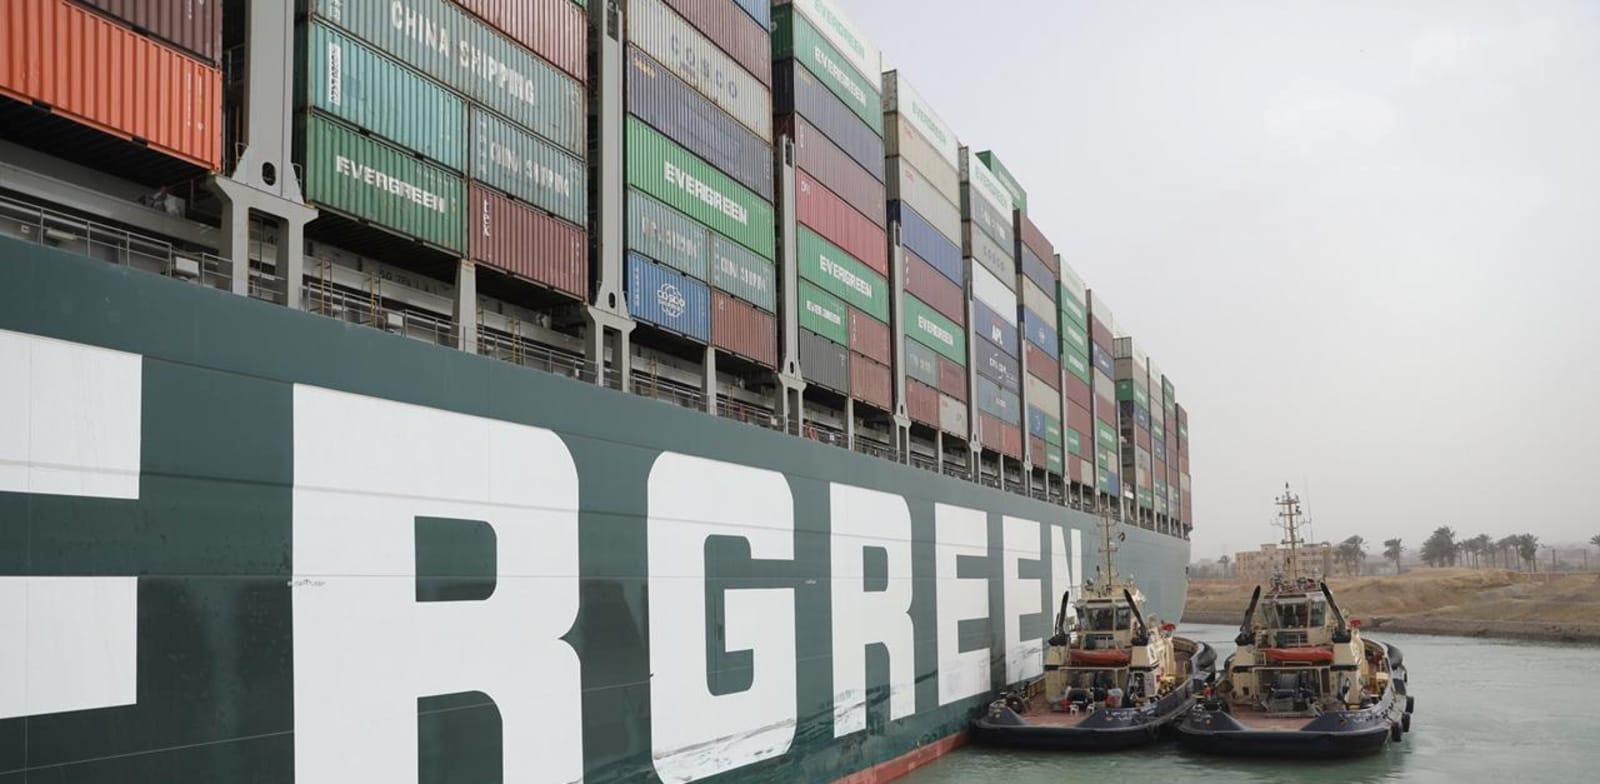 ספינת אבר גיבן תקועה בתעלת סואץ / צילום: Reuters, רשות תעלת סואץ